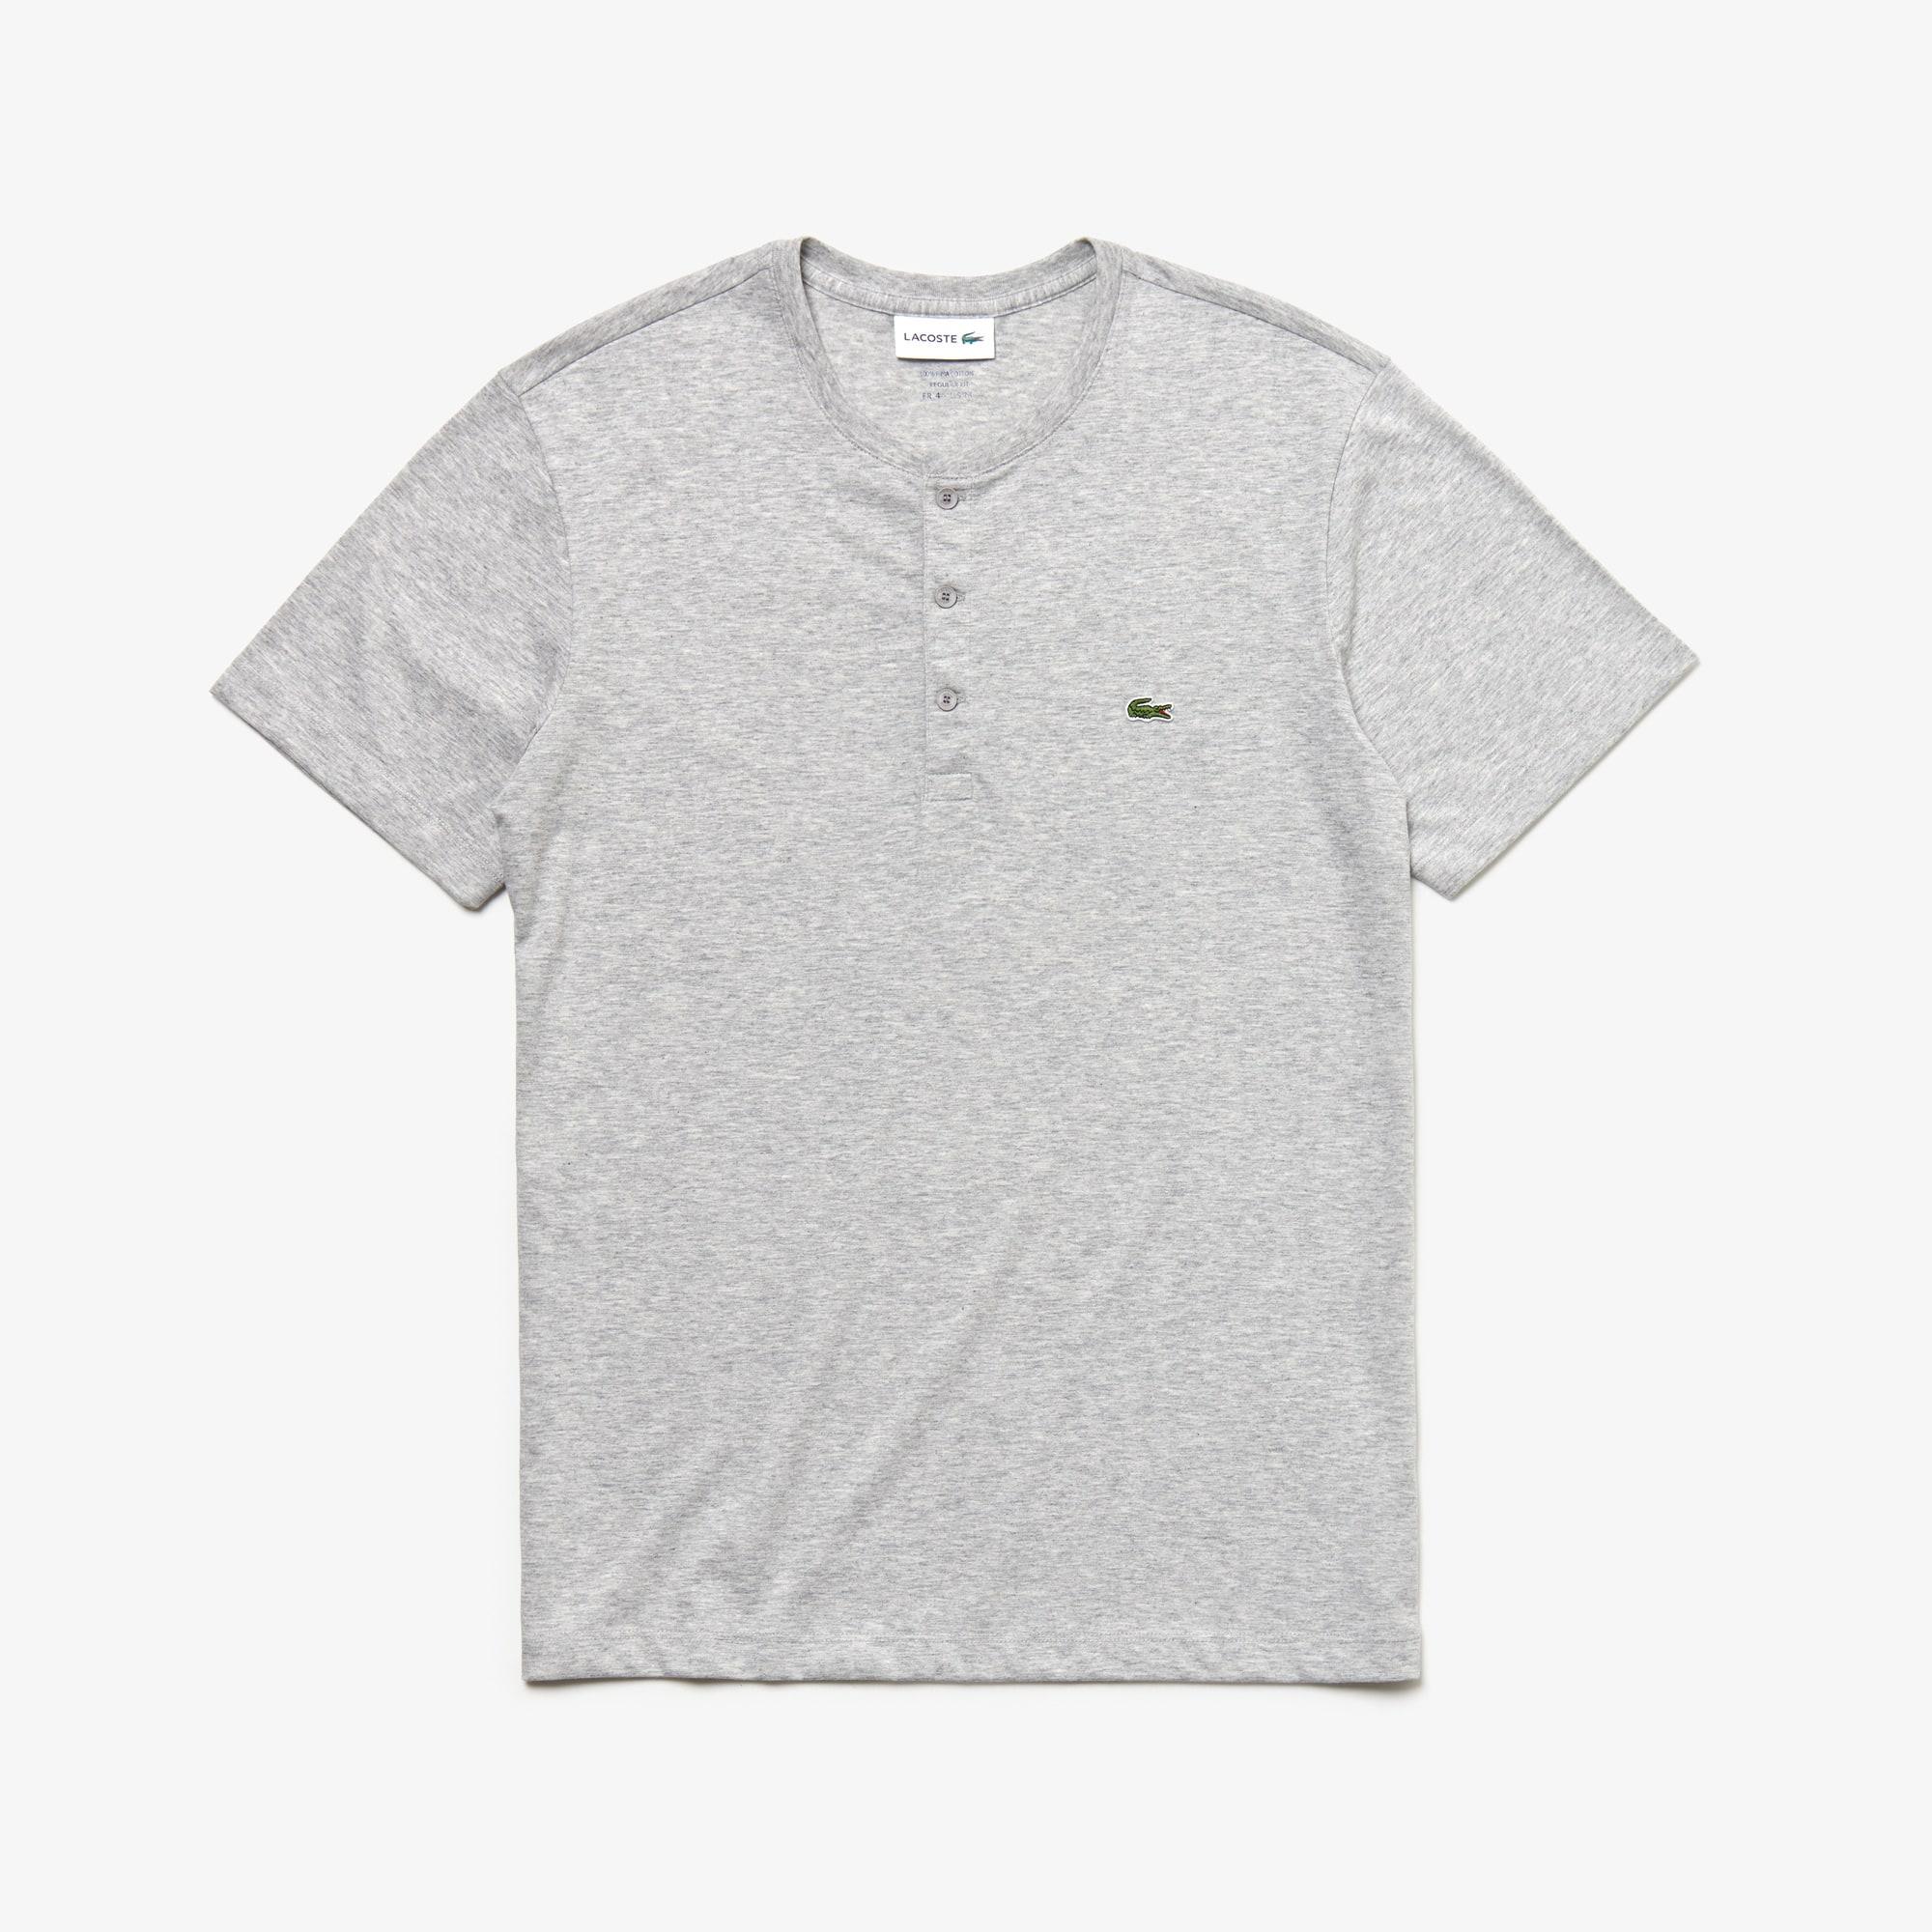 Herren-T-Shirt aus Pima-Baumwolljersey mit Henley-Kragen